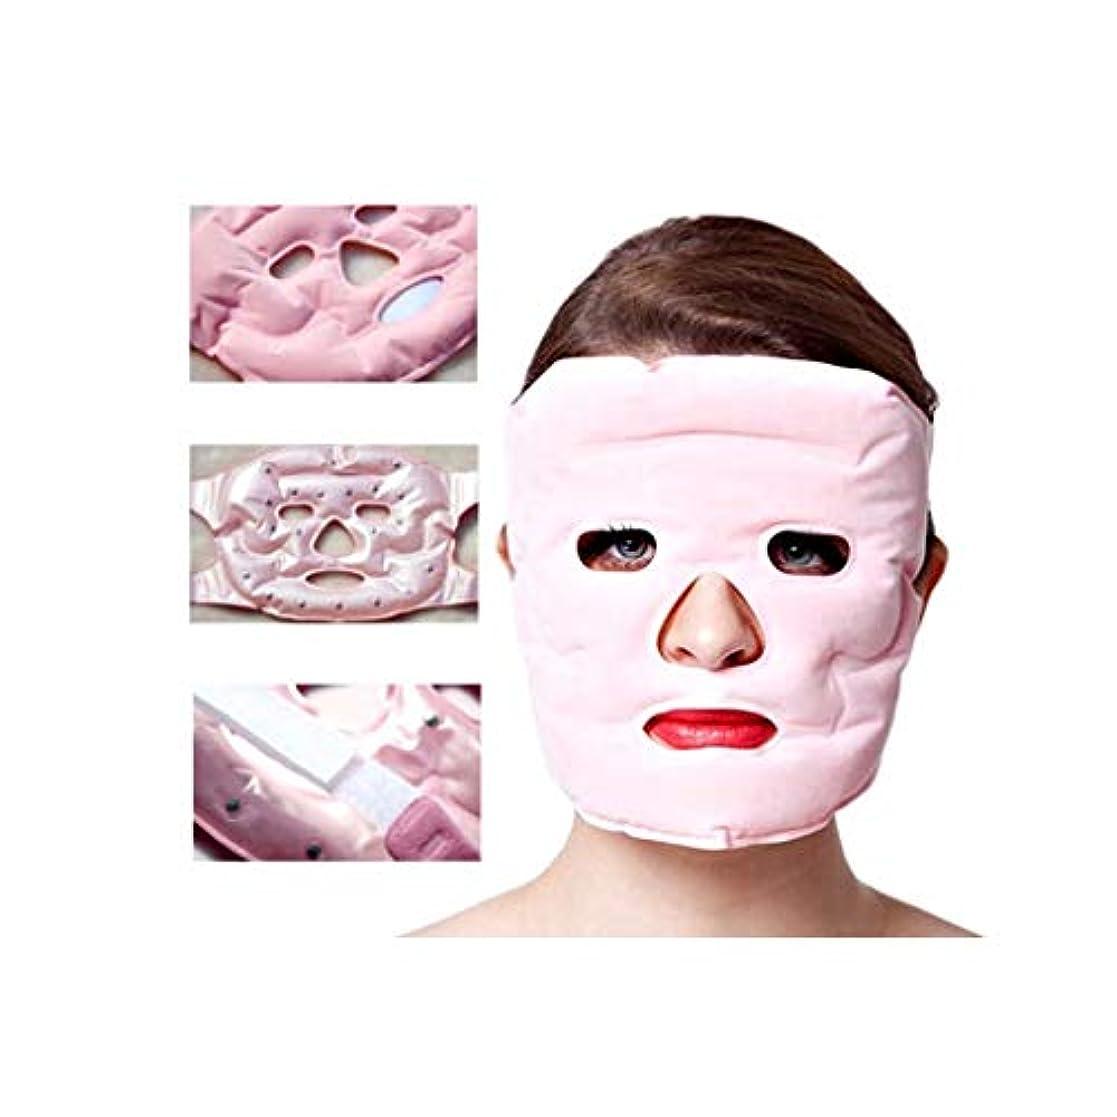 ライバル現れる体操選手フェイシャルスリミング、Vフェイスマスク、フェイスリフティングビューティーマスク、磁気療法リフティングフェイス、肌の状態を改善するための肌の頬の引き締め